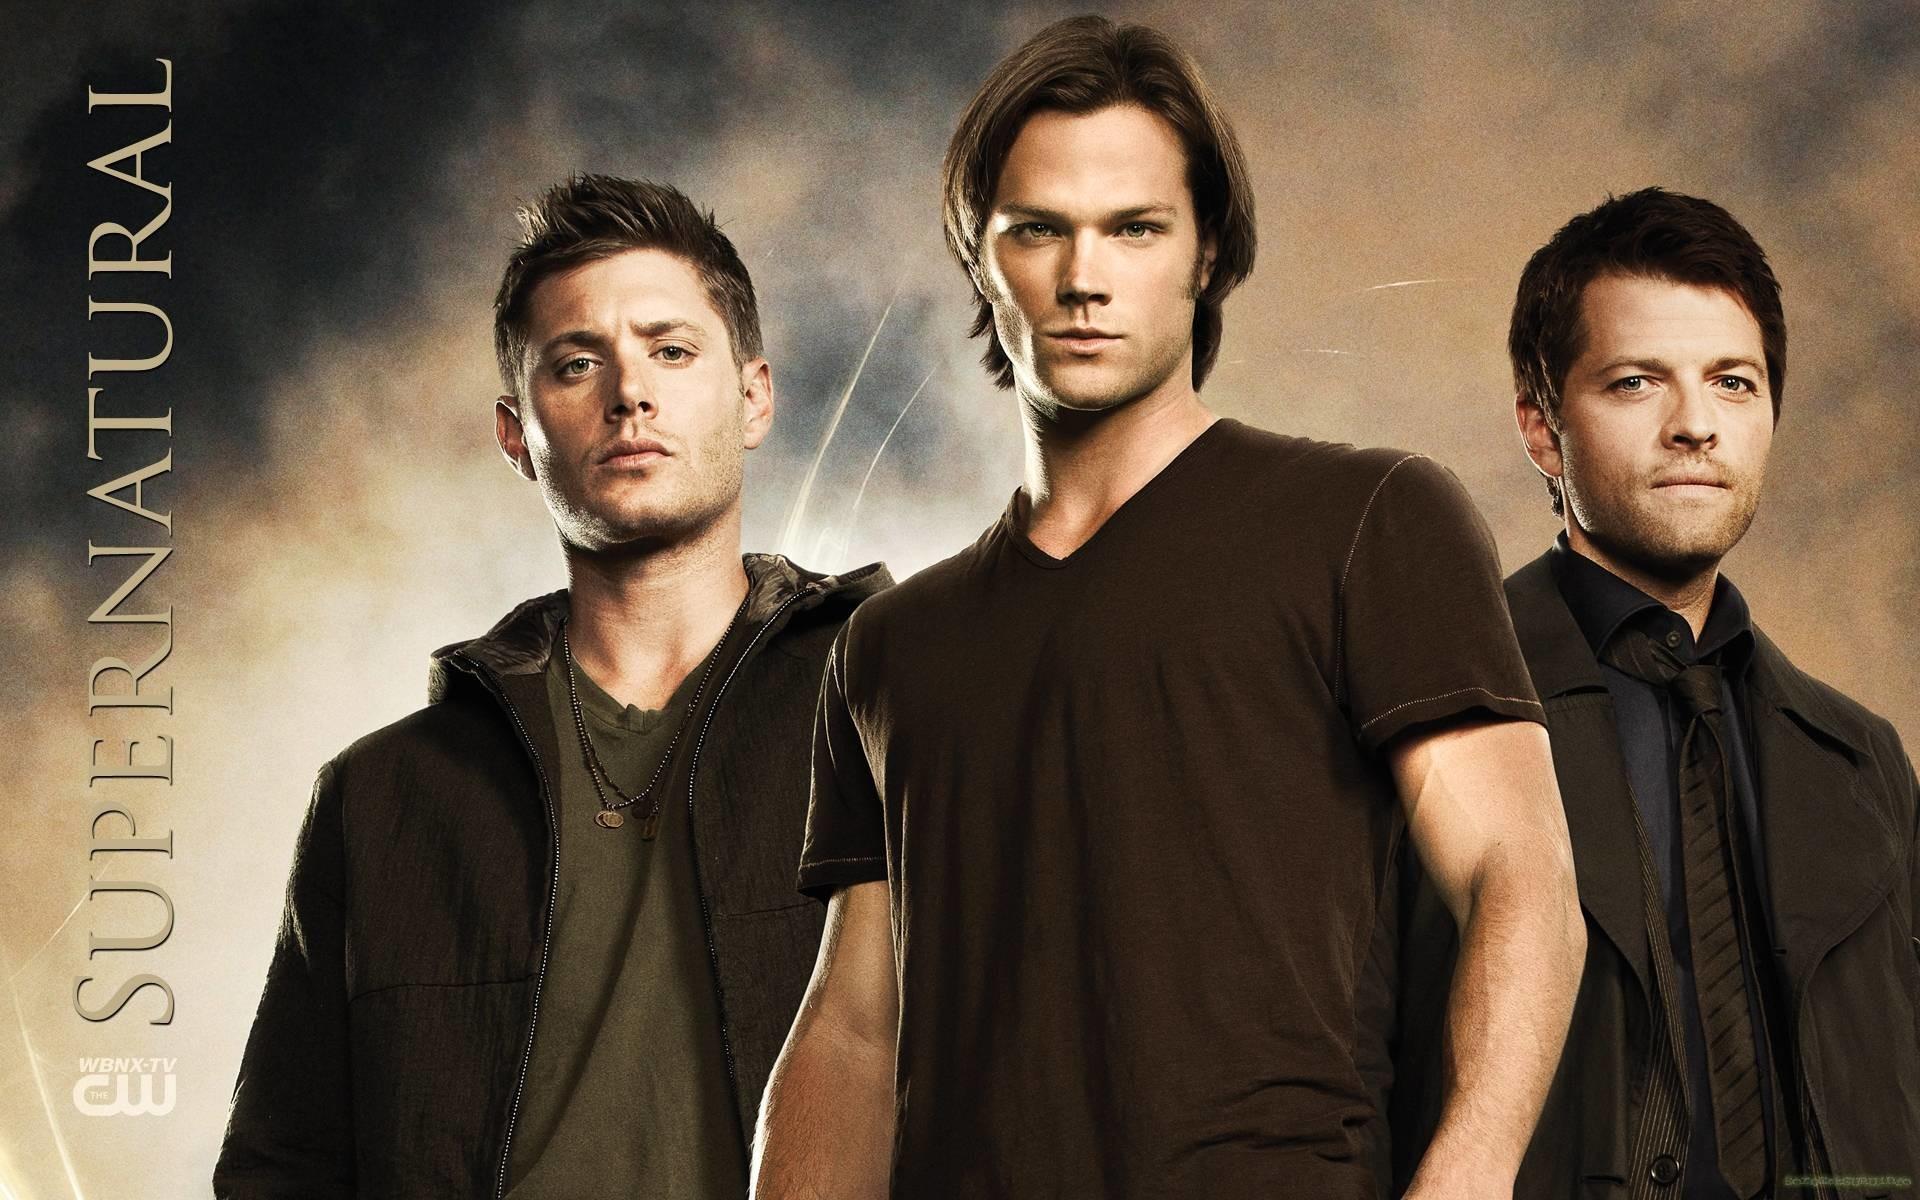 Supernatural Season 8 wallpaper – 843564